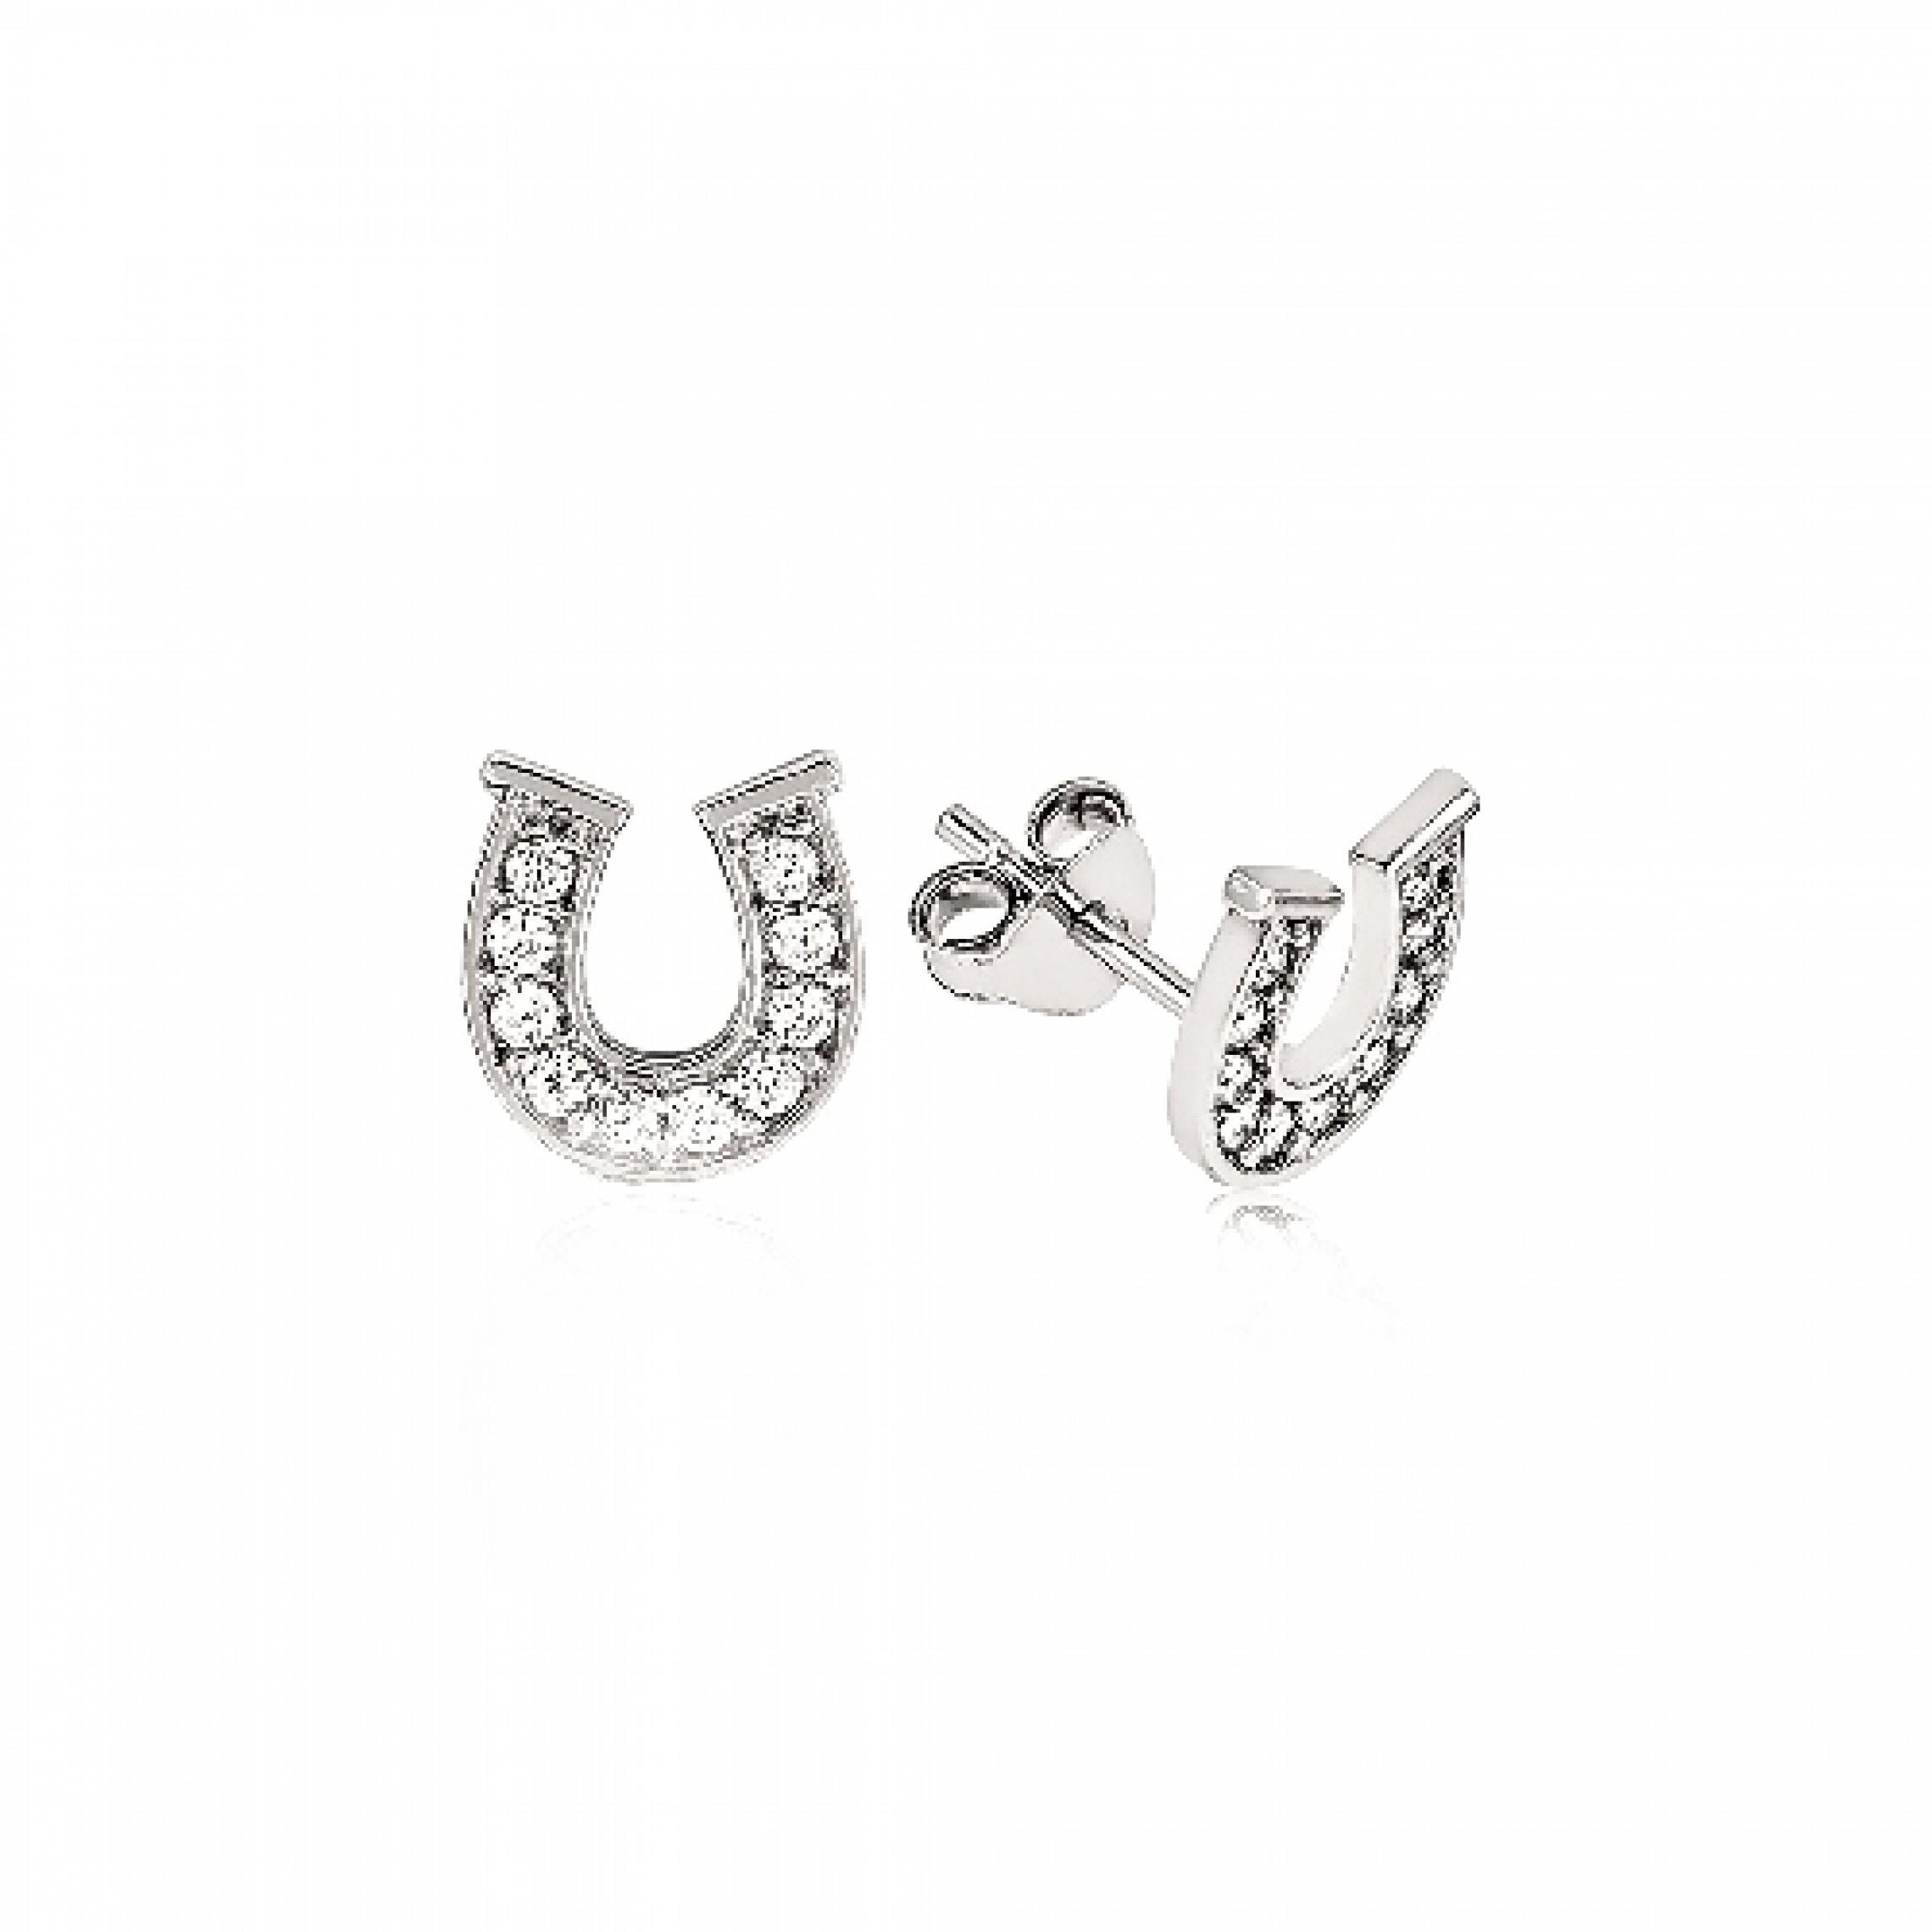 JE-210042 Evil Eye 925 Sterling Silver CZ Earrings